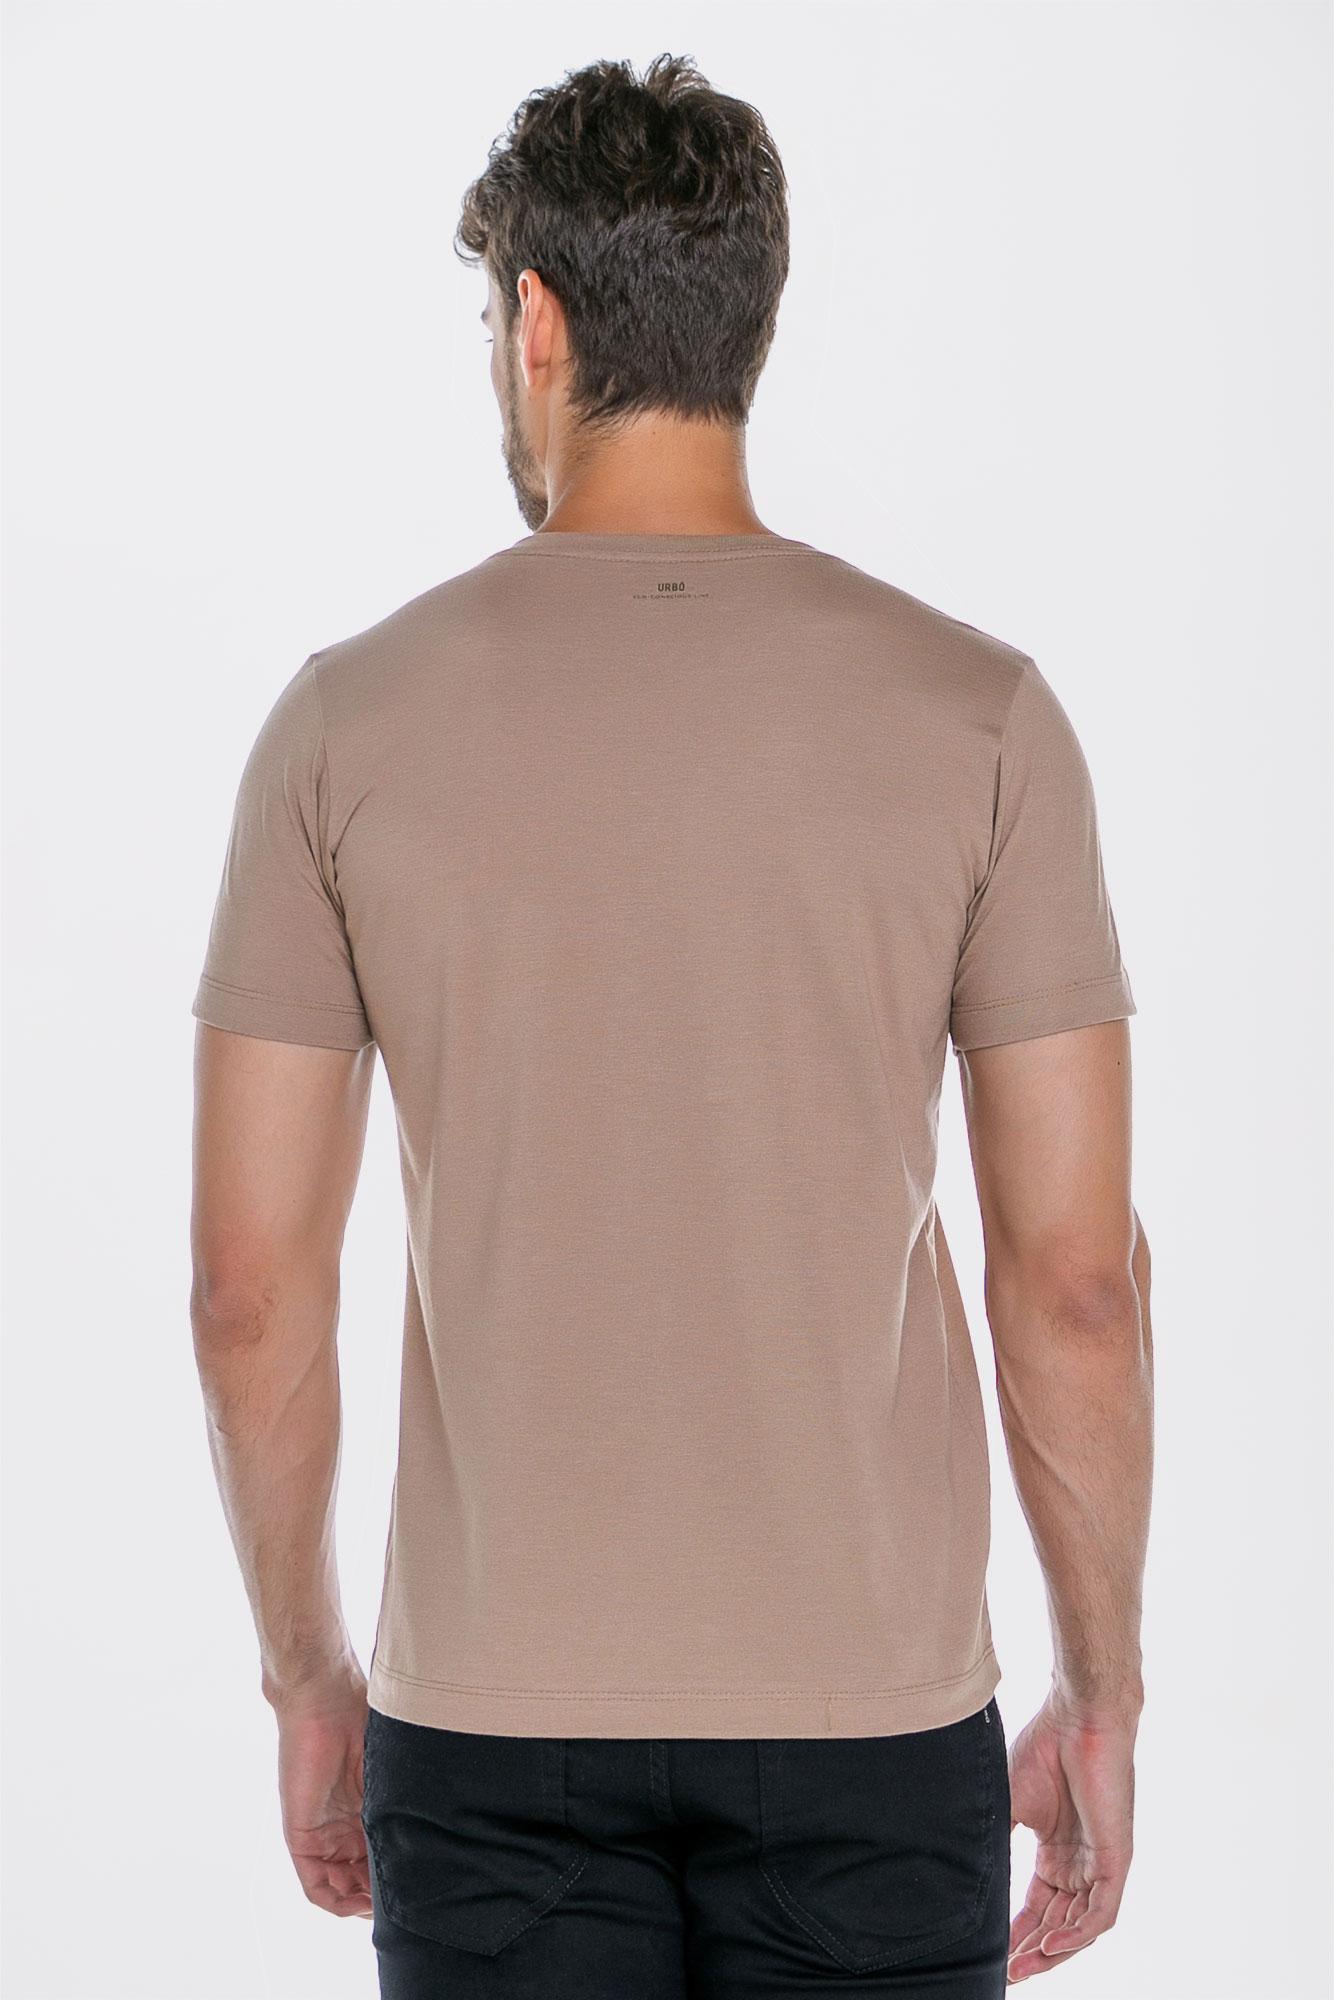 Camiseta Basic Coffee Bege